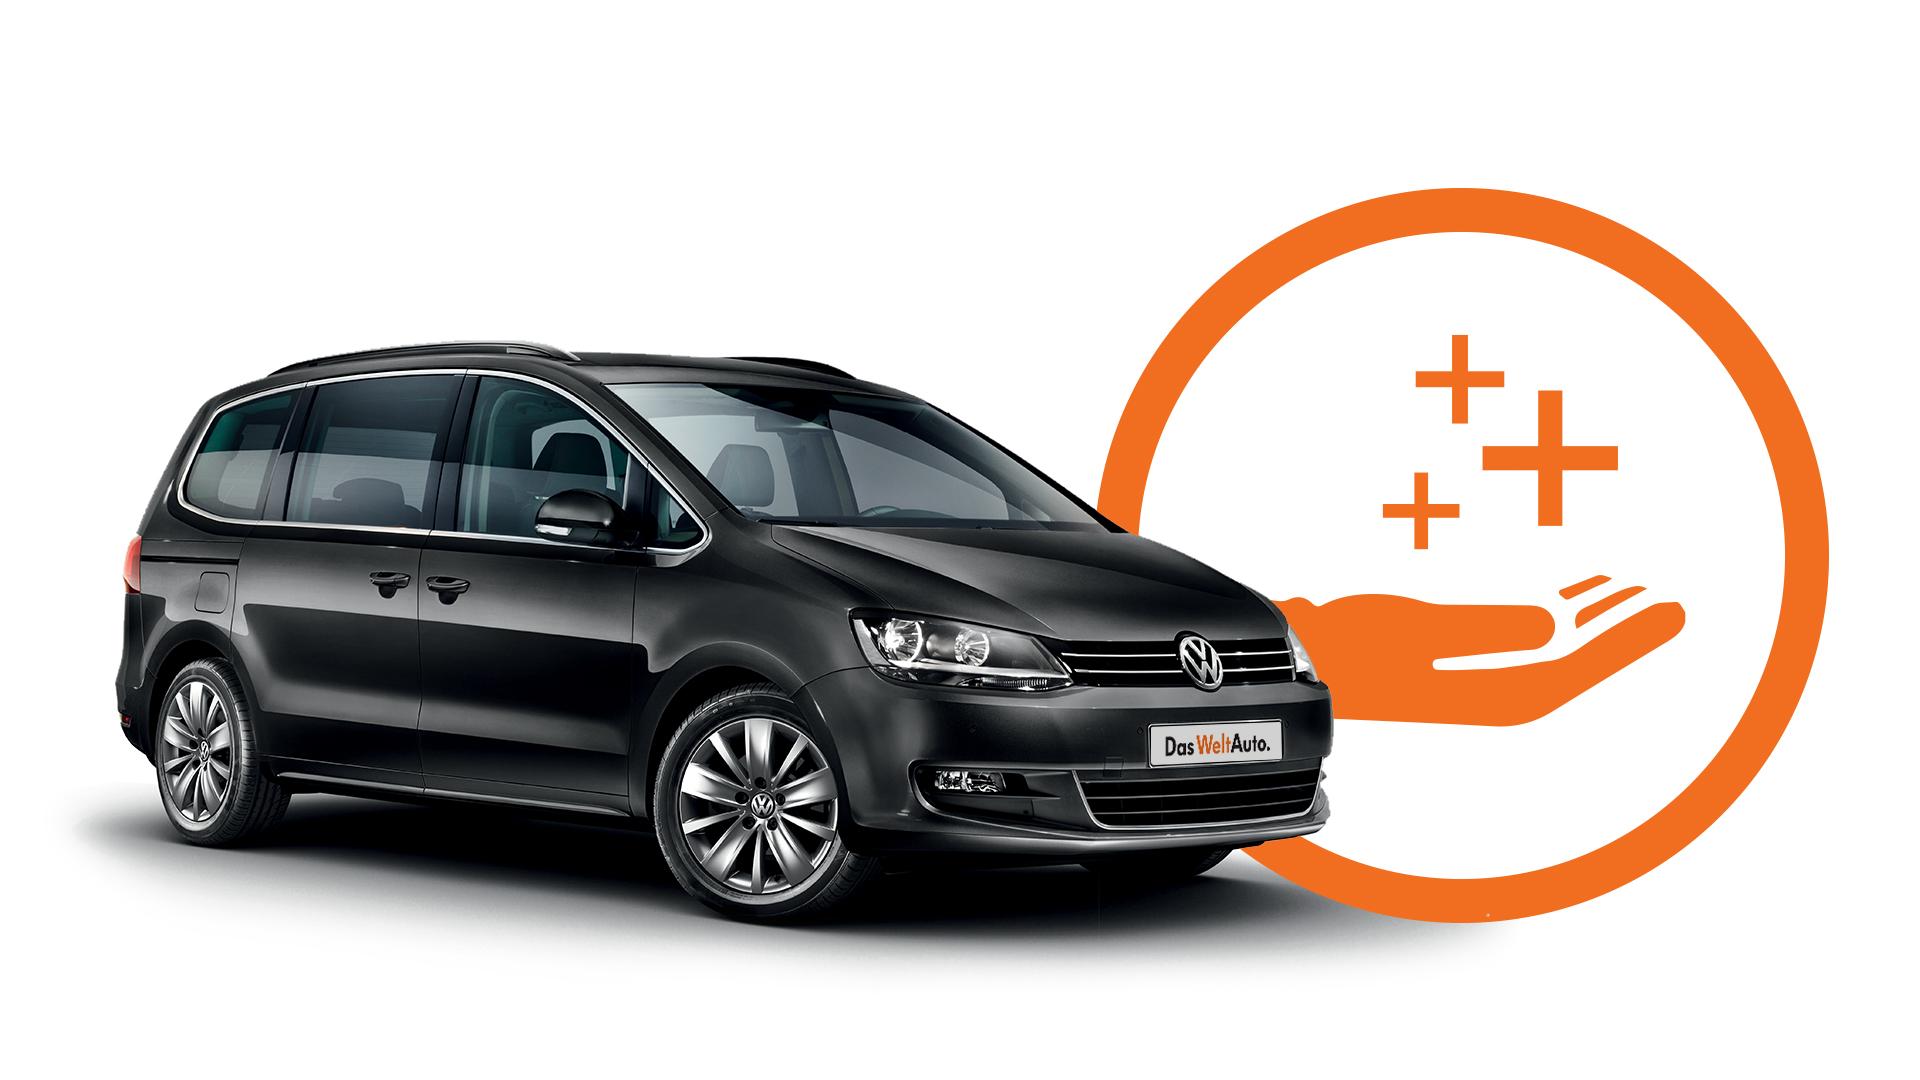 Korzyści z kupna używanego samochodu w Das WeltAuto.